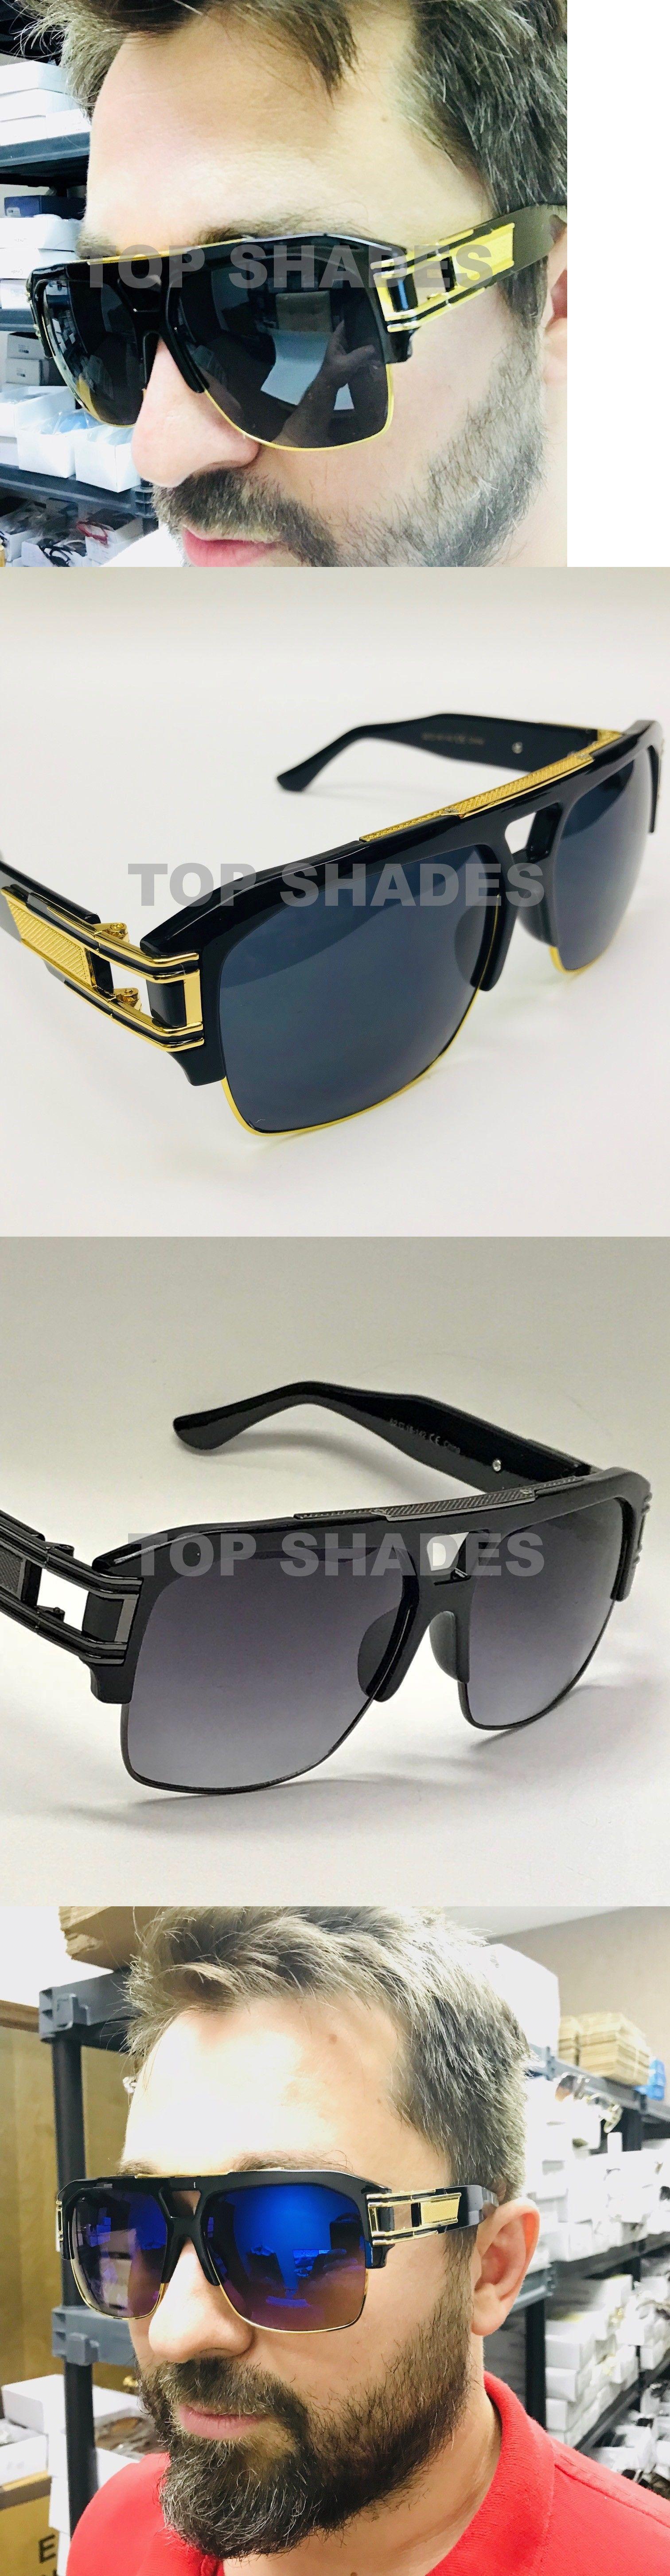 1b2cb59a2d Sunglasses 45246: Gafas Lentes Espejuelos Y Oculos De Sol De Moda Regalos Para  Hombres Masculinos -> BUY IT NOW ONLY: $13.93 on #eBay #sunglasses #gafas  ...